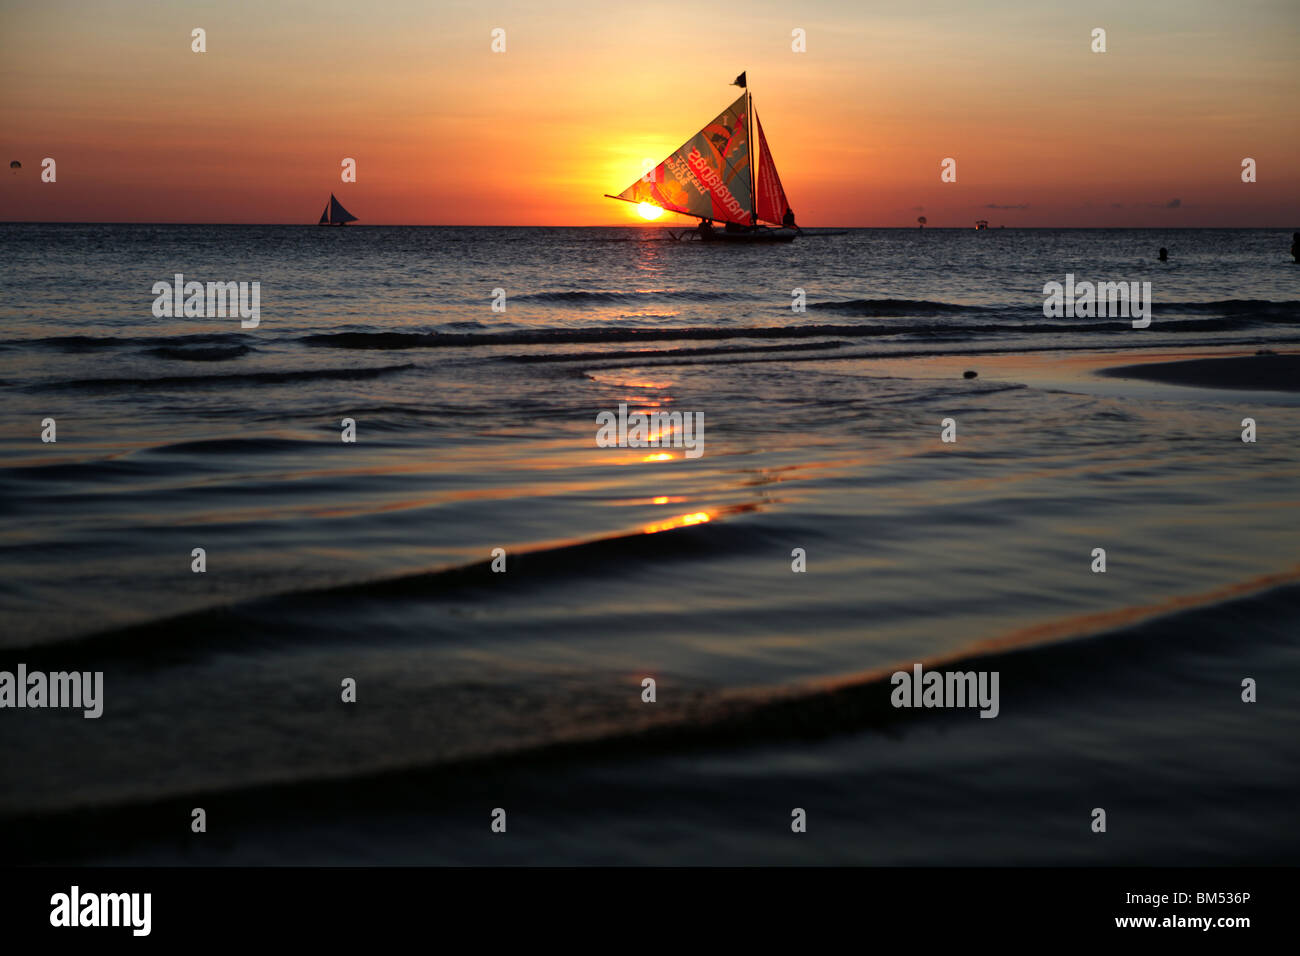 Ein Segelboot übergibt den Sonnenuntergang am White Beach, Boracay, das wohl bekannteste Reiseziel auf den Stockbild